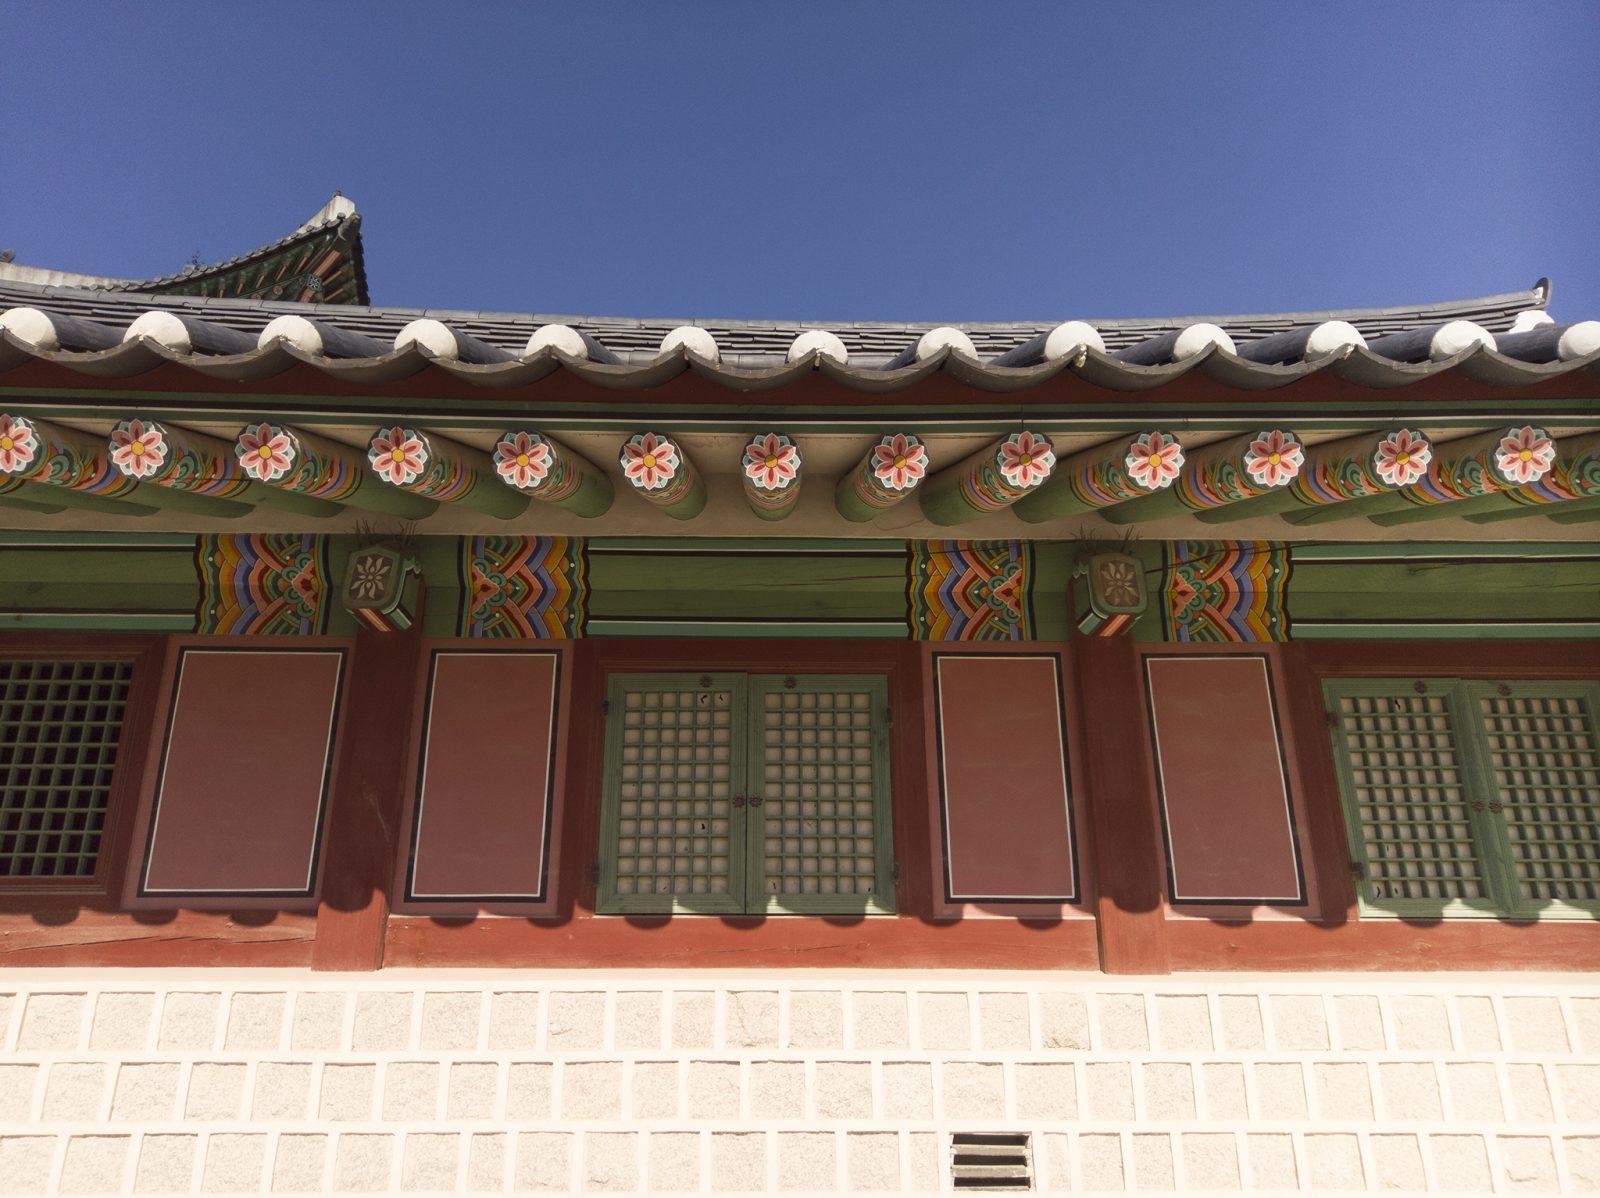 Detail of GyeongbokGung roof